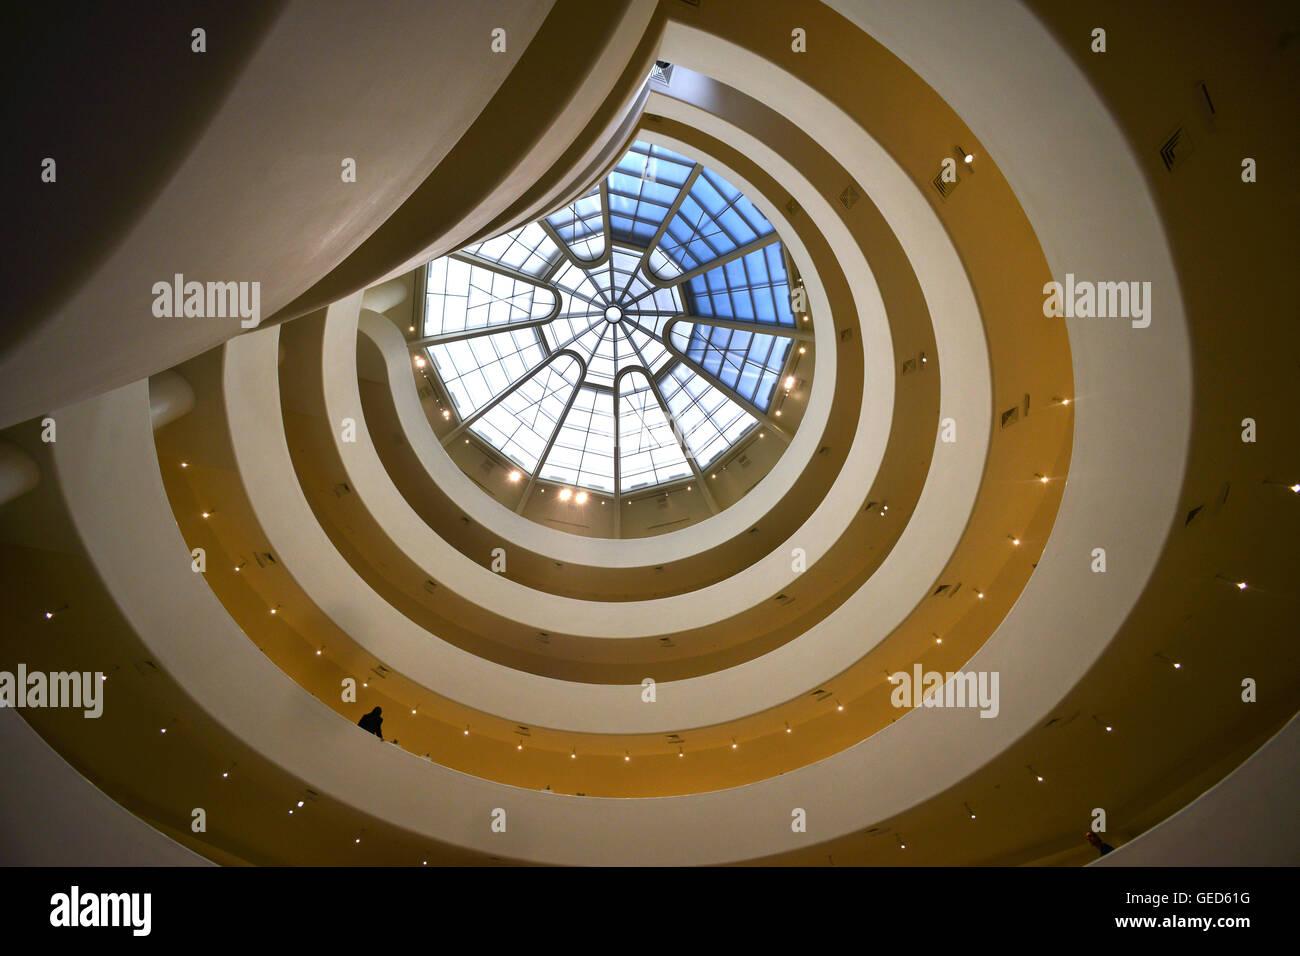 Interior of the Guggenheim museum, New York - Stock Image